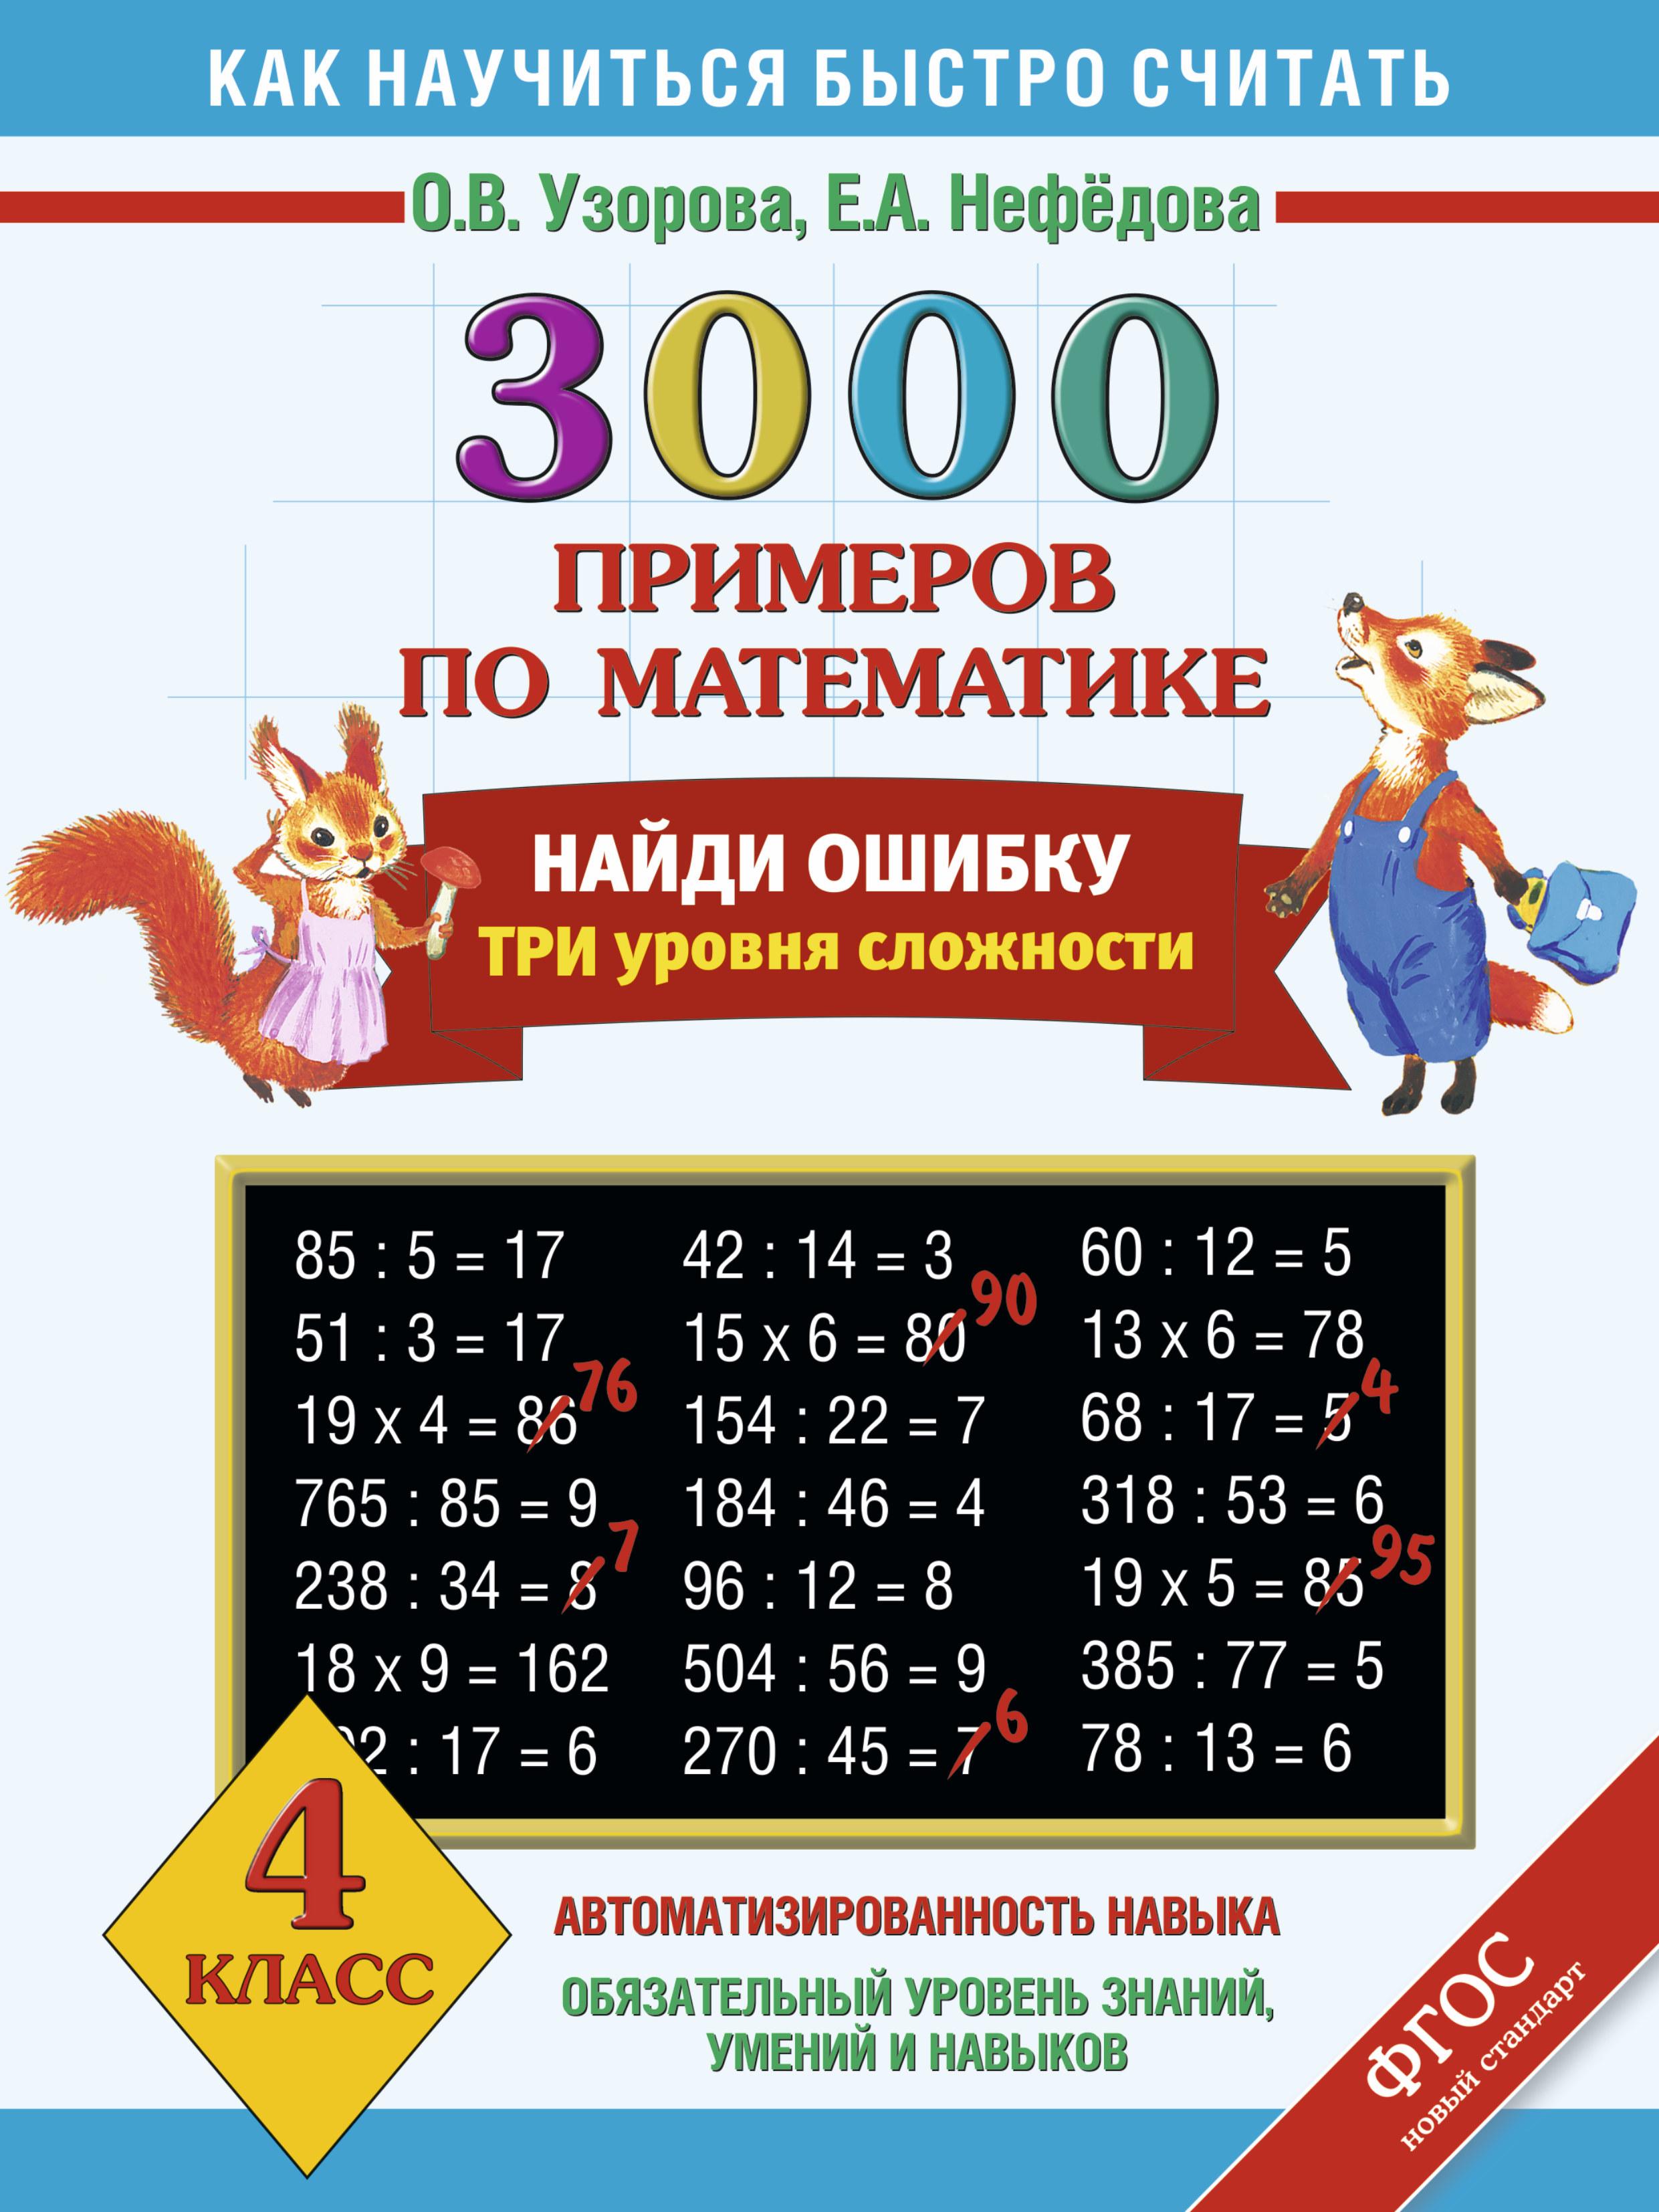 3000 примеров по математике. Найди ошибку (Все темы. 3 уровня сложности) 4 класс